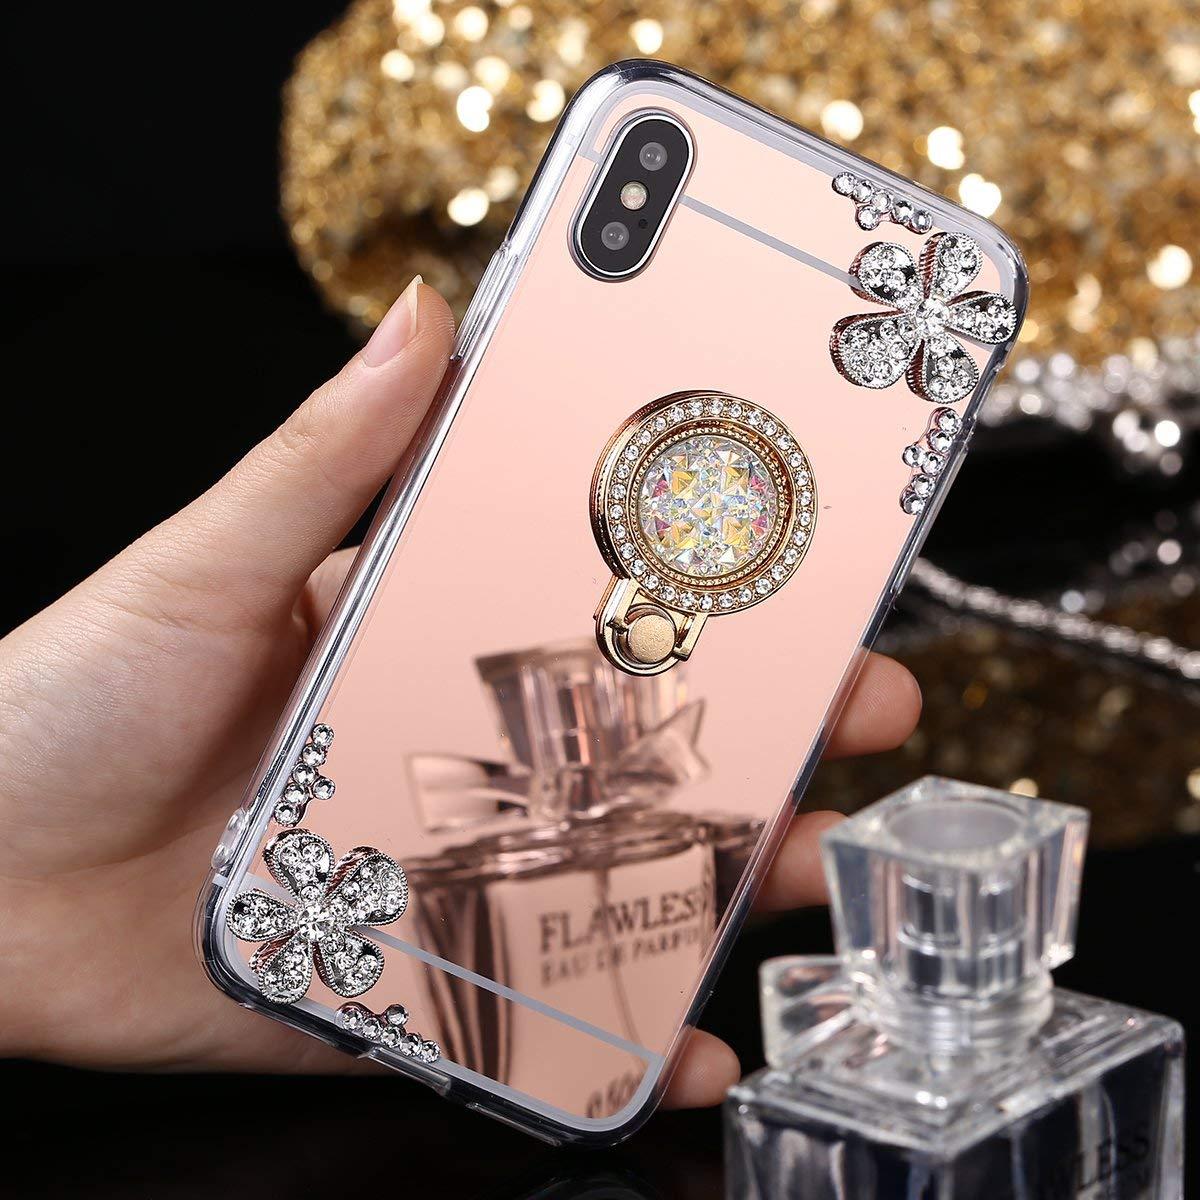 SainCat Coque pour iPhone 7//8 Coque Miroir Silicone Paillette Strass avec Anneau Etui de Protection Anti-Rayures Ultra Slim Premium TPU Bumper Coque pour iPhone 7//8-Argent